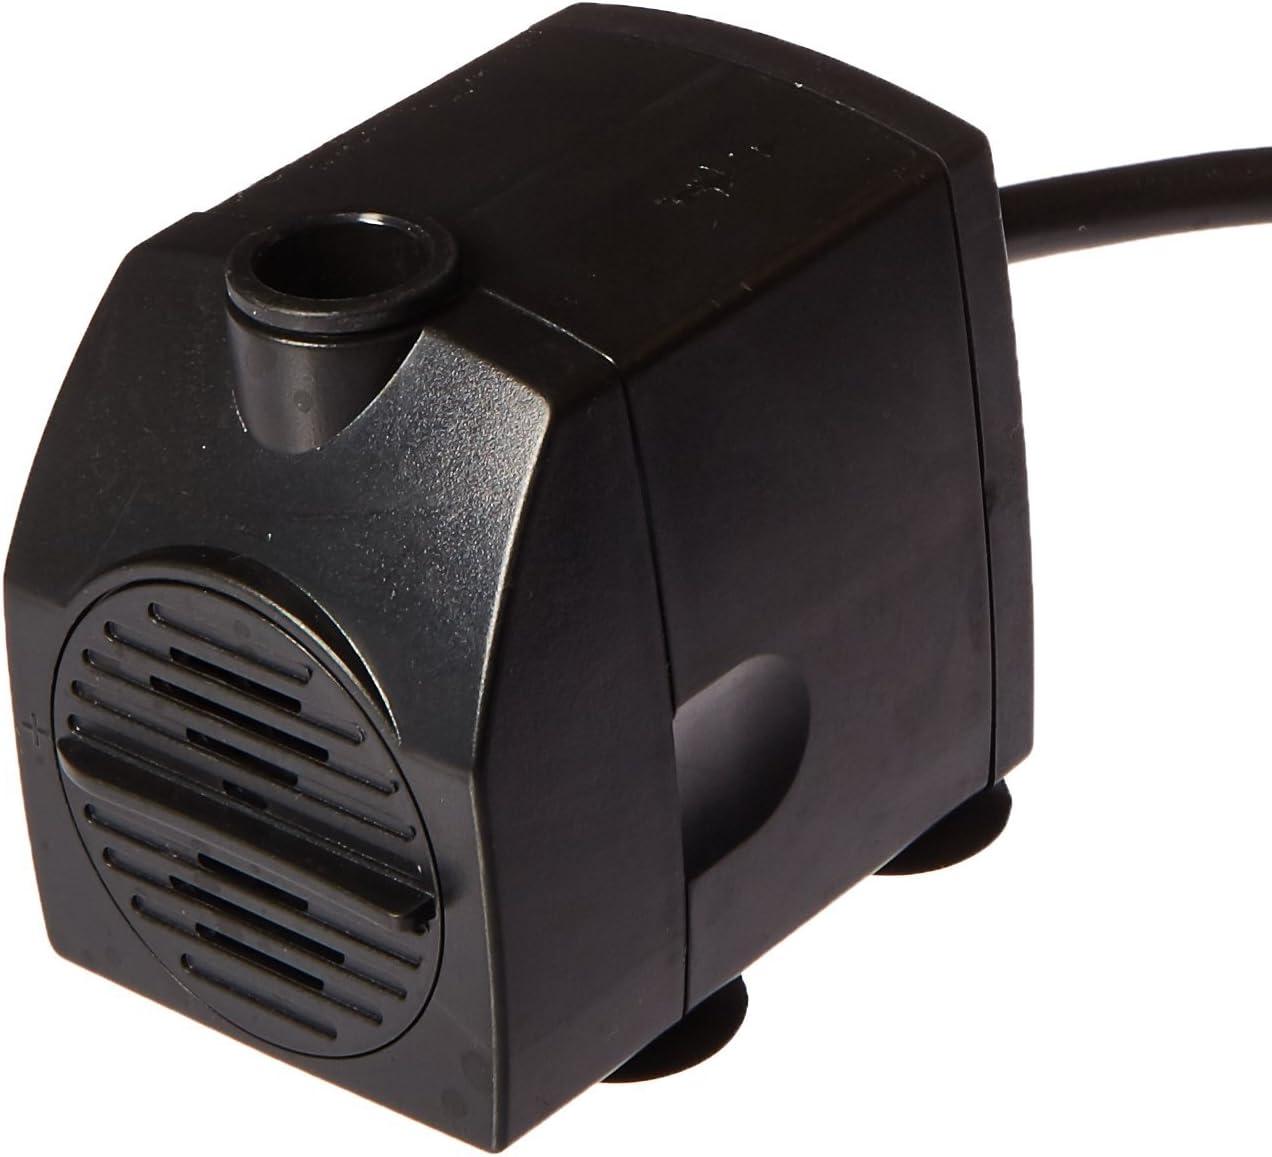 Peaktop P750 Outdoor Garden Pumps, Black